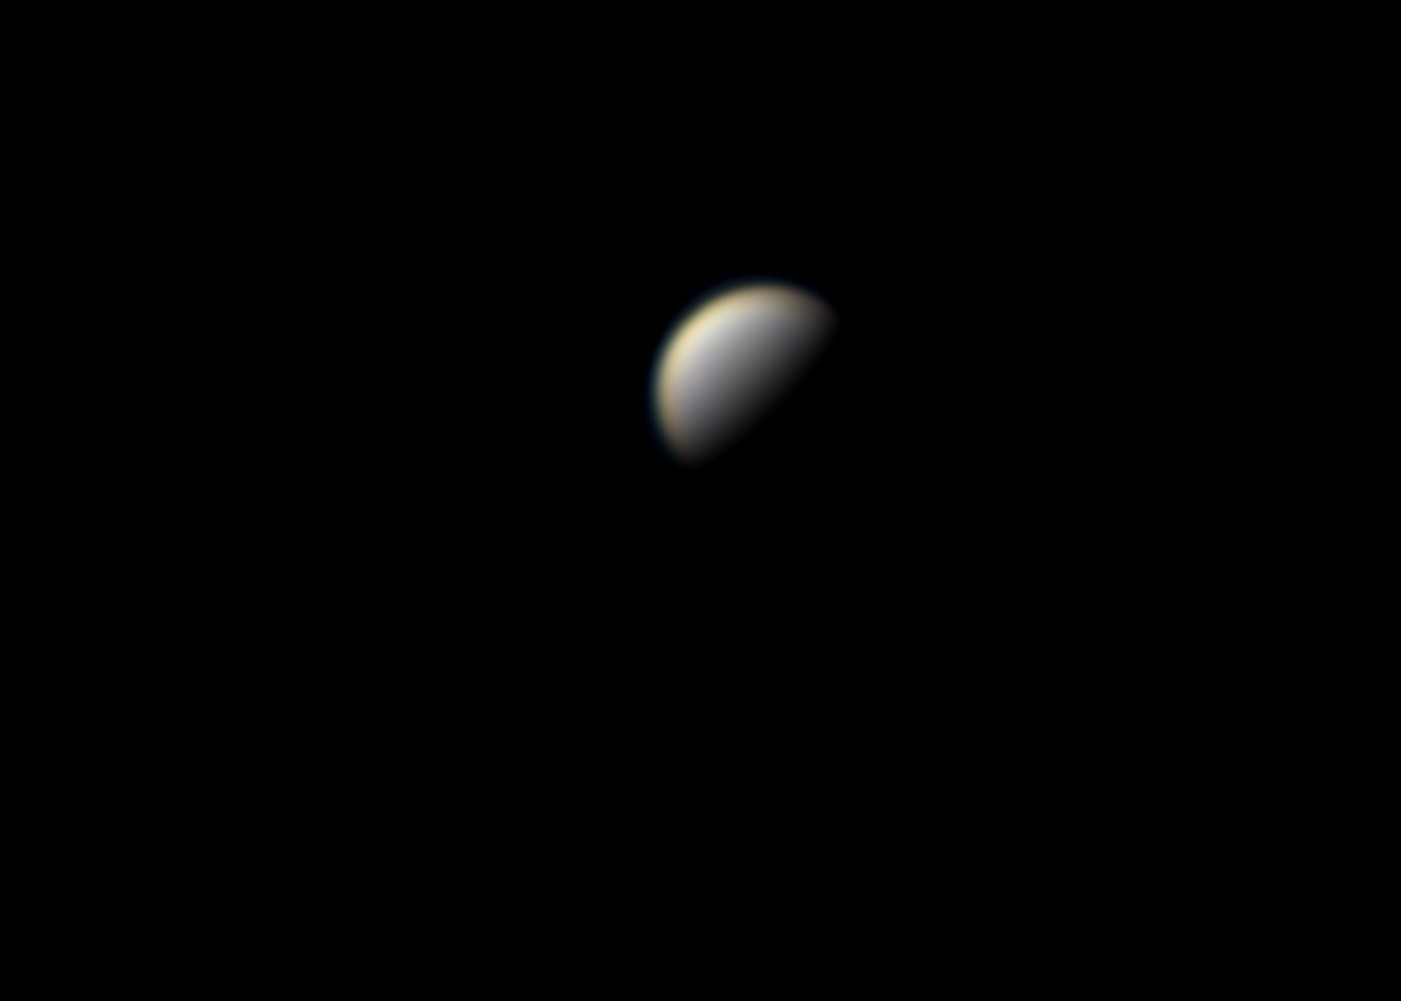 Venus du 15 septembre au MAK SW 150 + BW x 2 + GPCAM2 224C